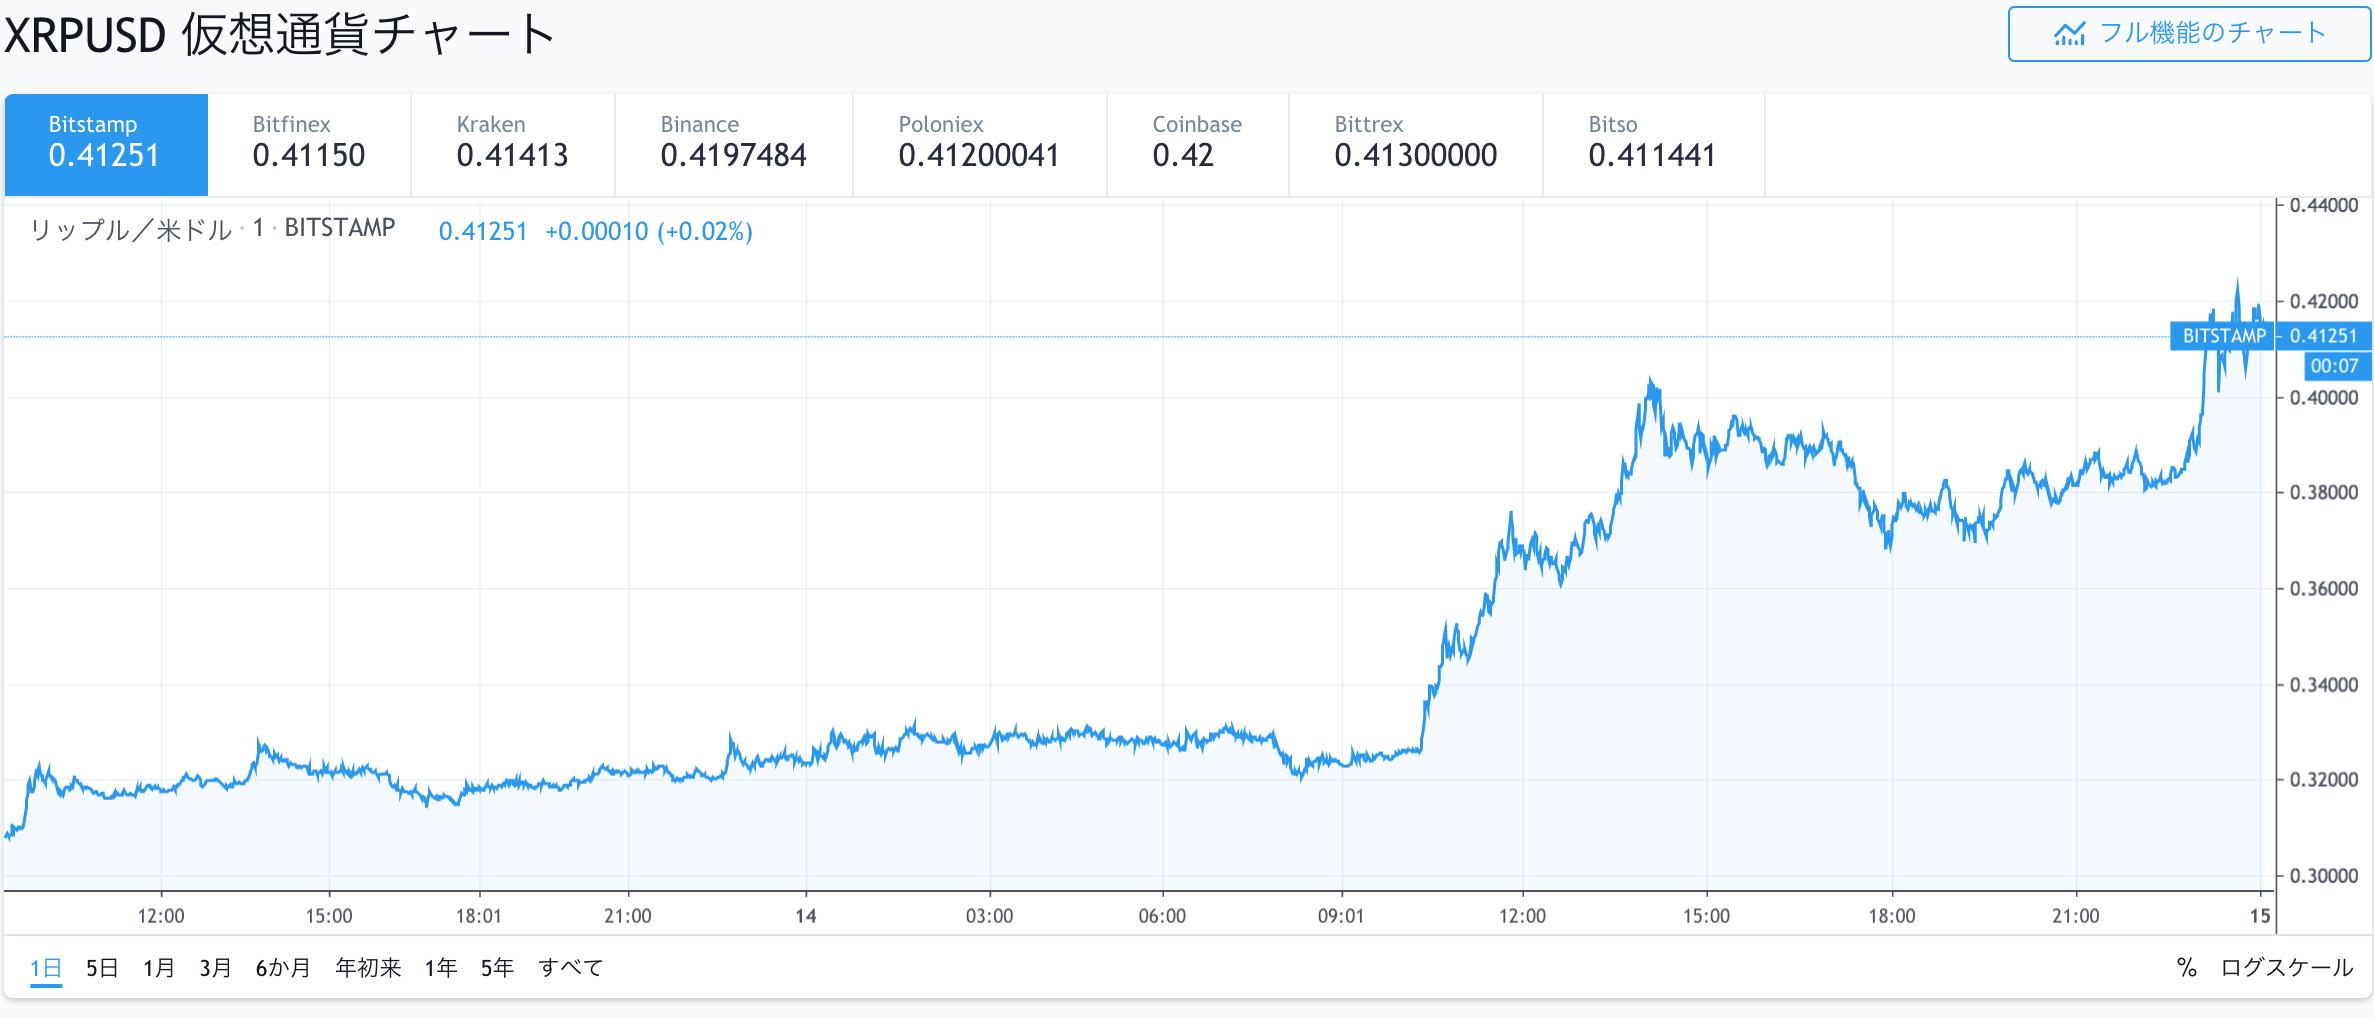 仮想通貨XRP(リップル)/米ドルチャート